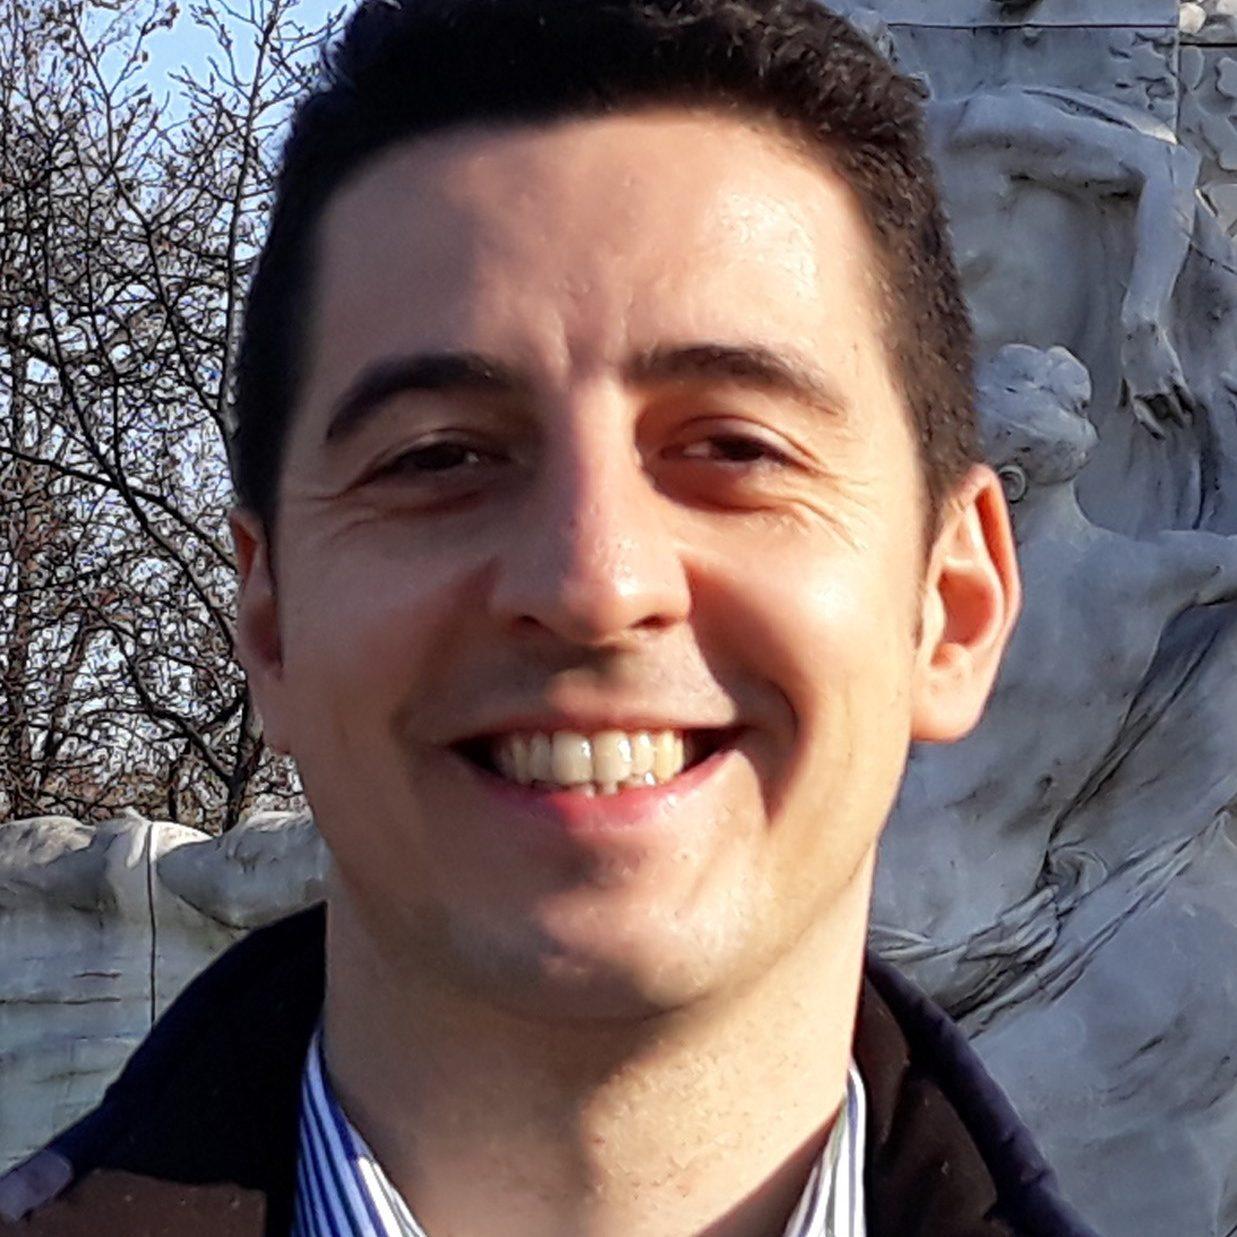 Dr. Cristian Popița Medic primar Radiologie – Imagistică medicală ecografie